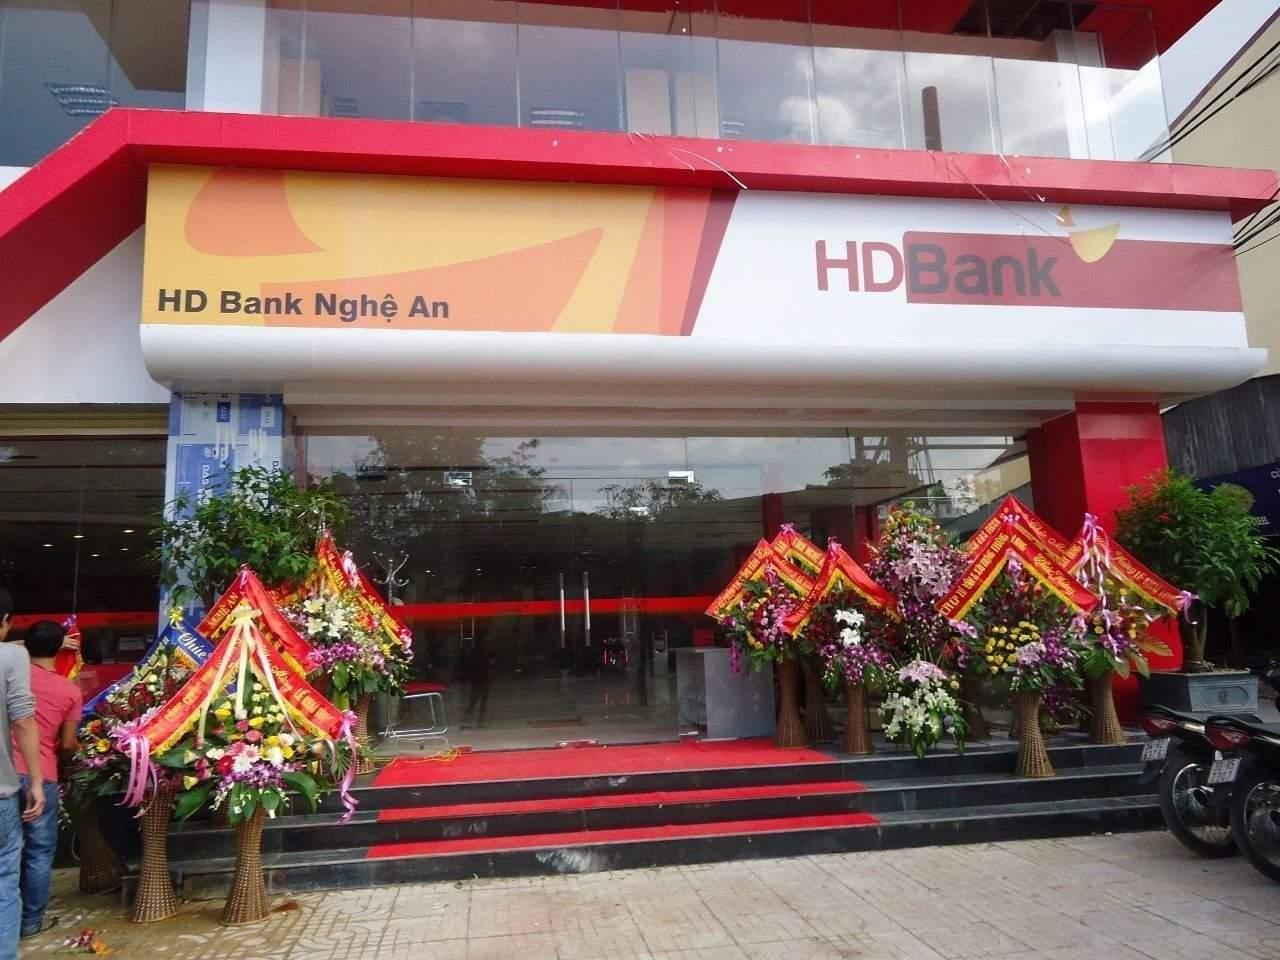 Vay mua nhà HD Bank